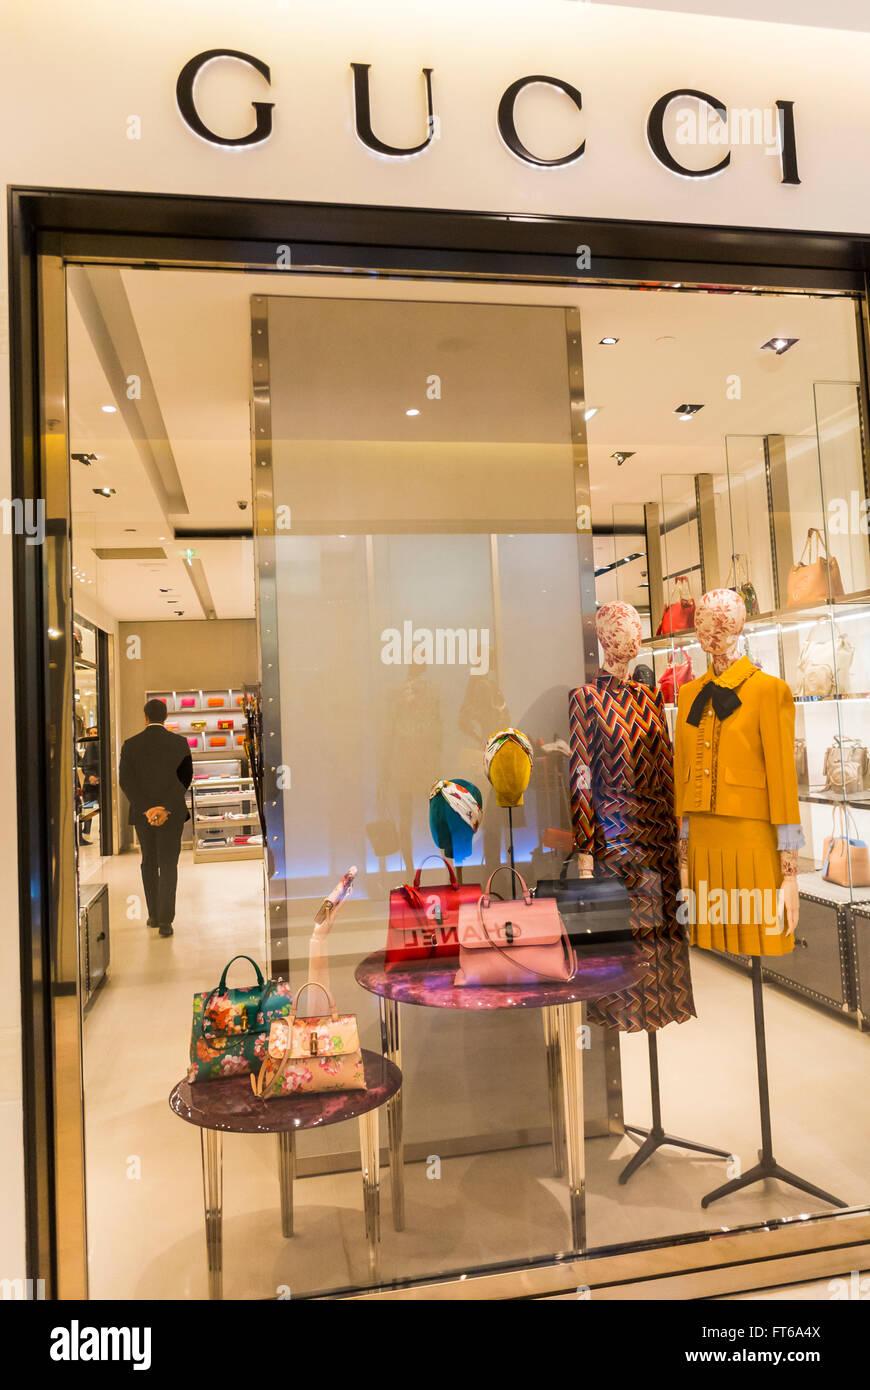 1ea04eb62450 Paris, France, Shopping, magasin, le Printemps, Gucci, marque de vêtements  de luxe boutique Vitrine, signe, l intérieur de haute couture